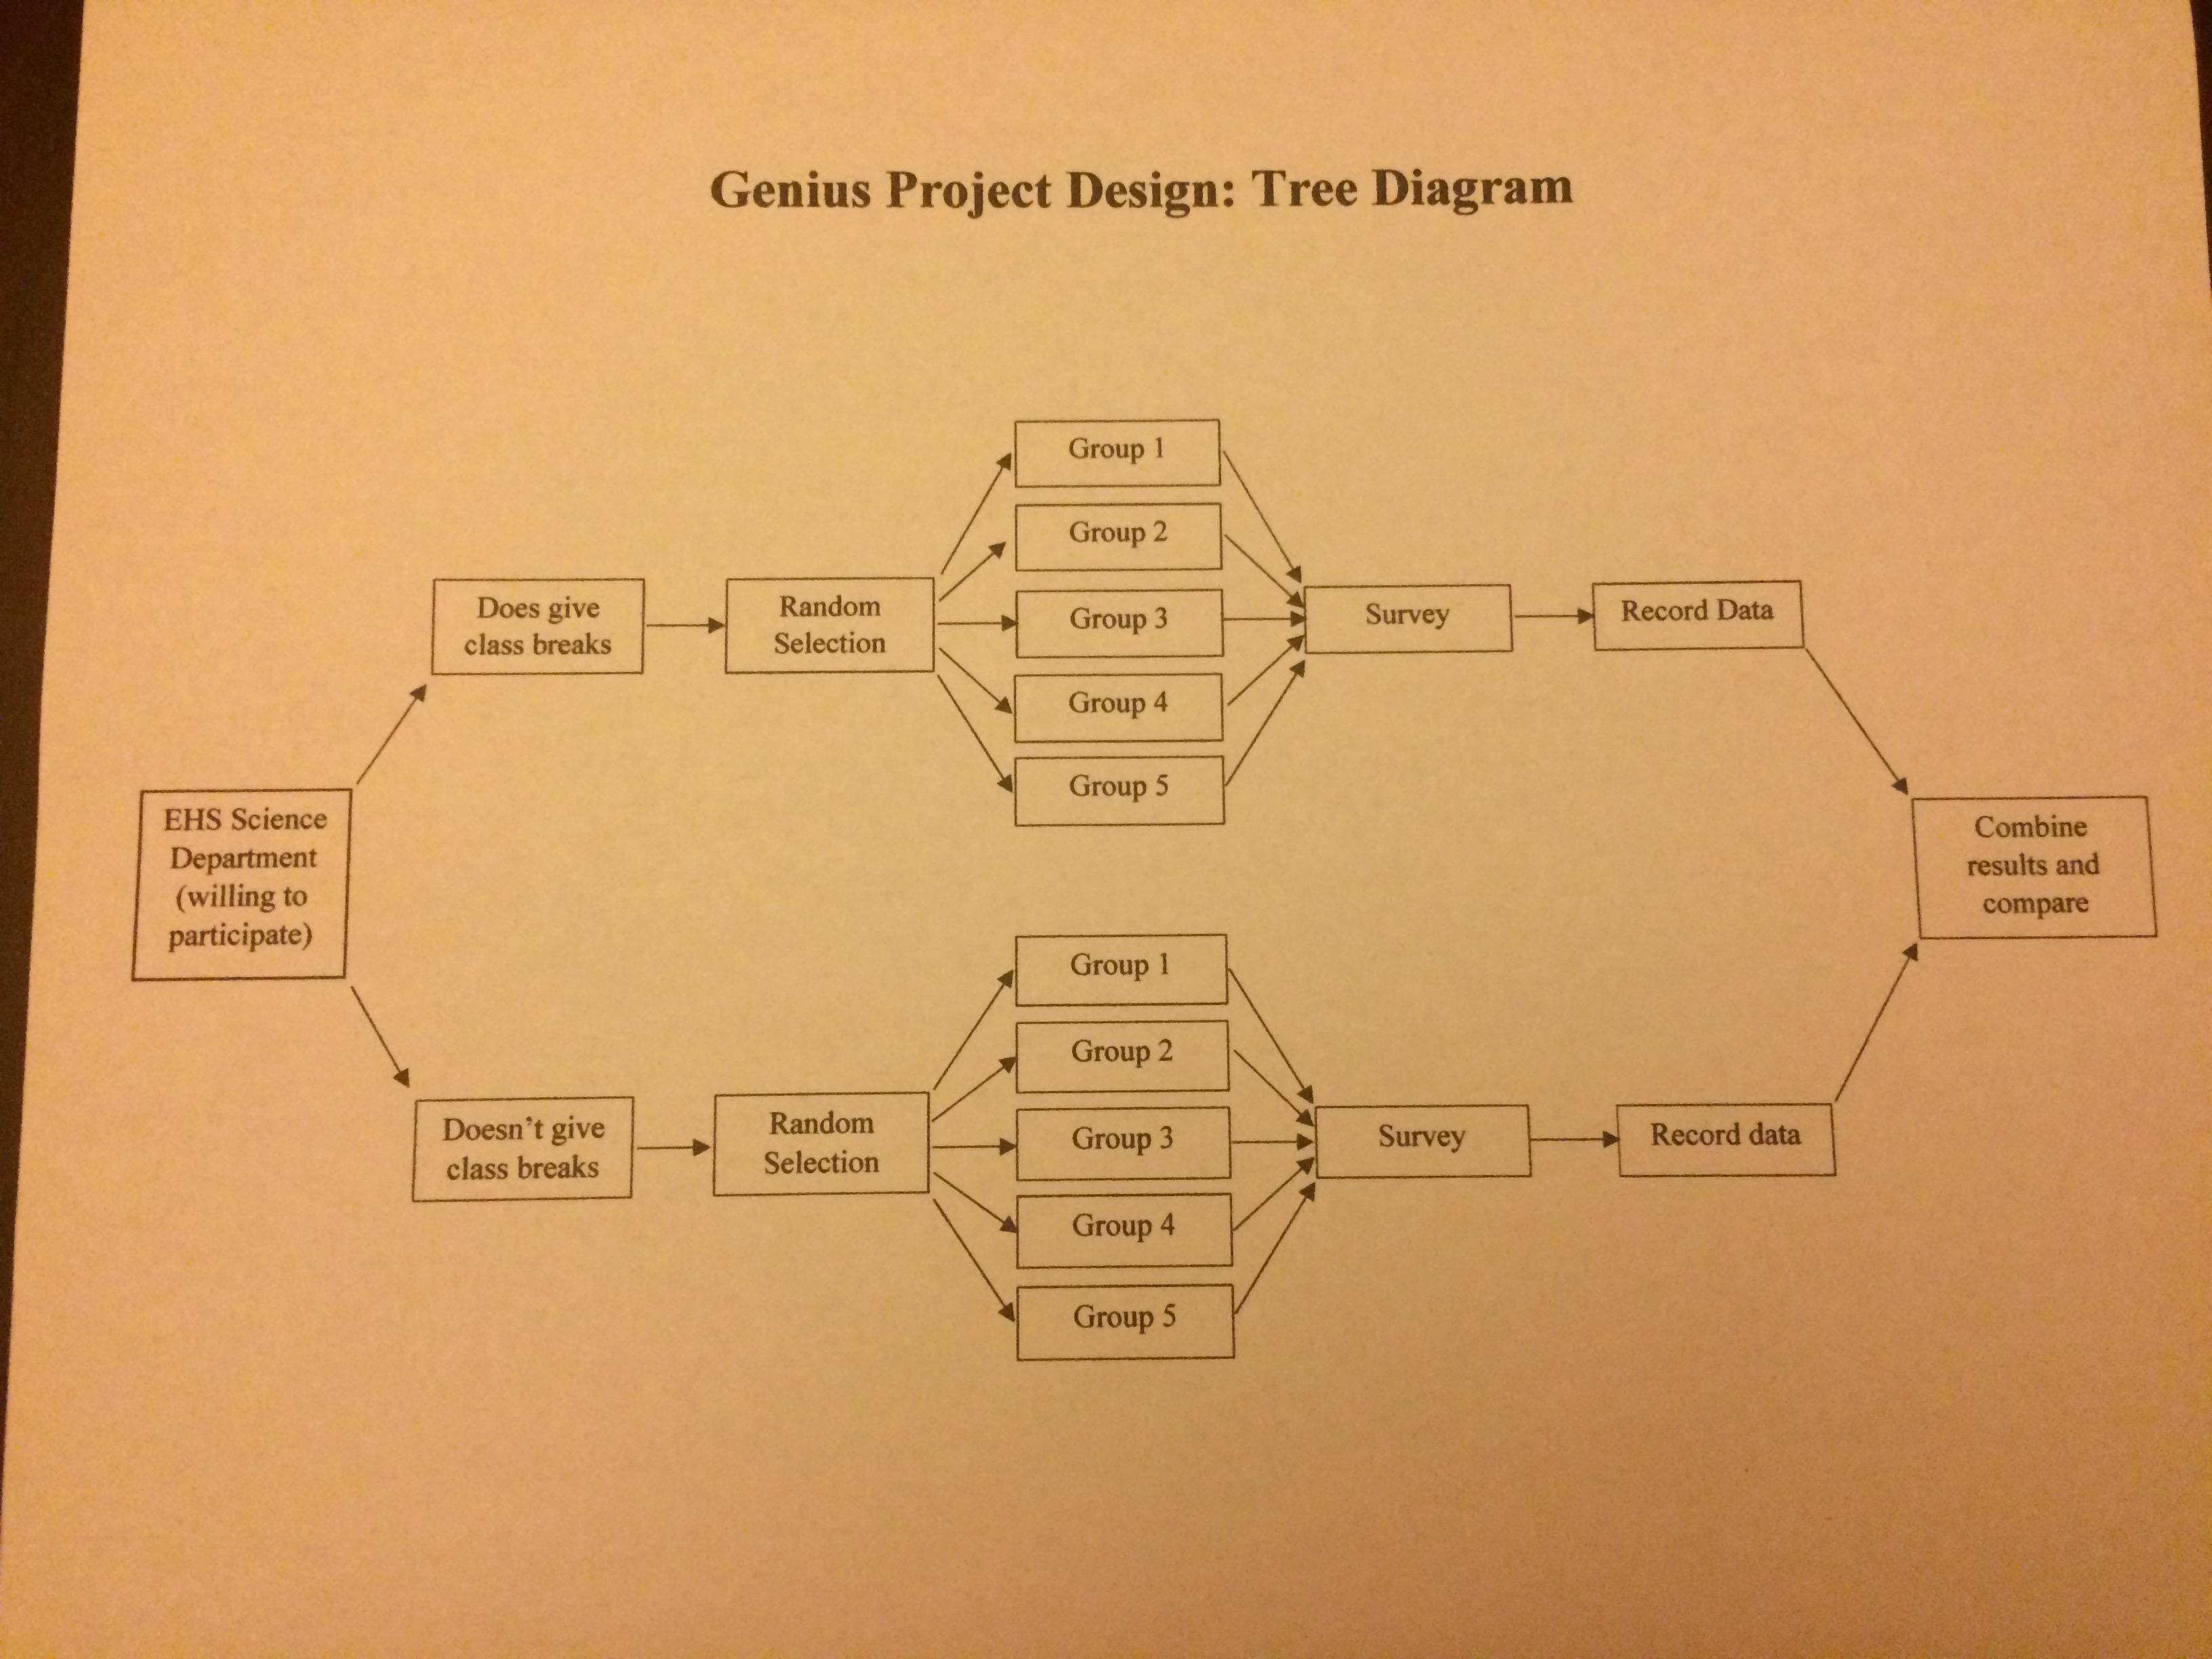 lab tree diagram trailer plug wiring 7 pin nick nguyen 4 ap stats ehs